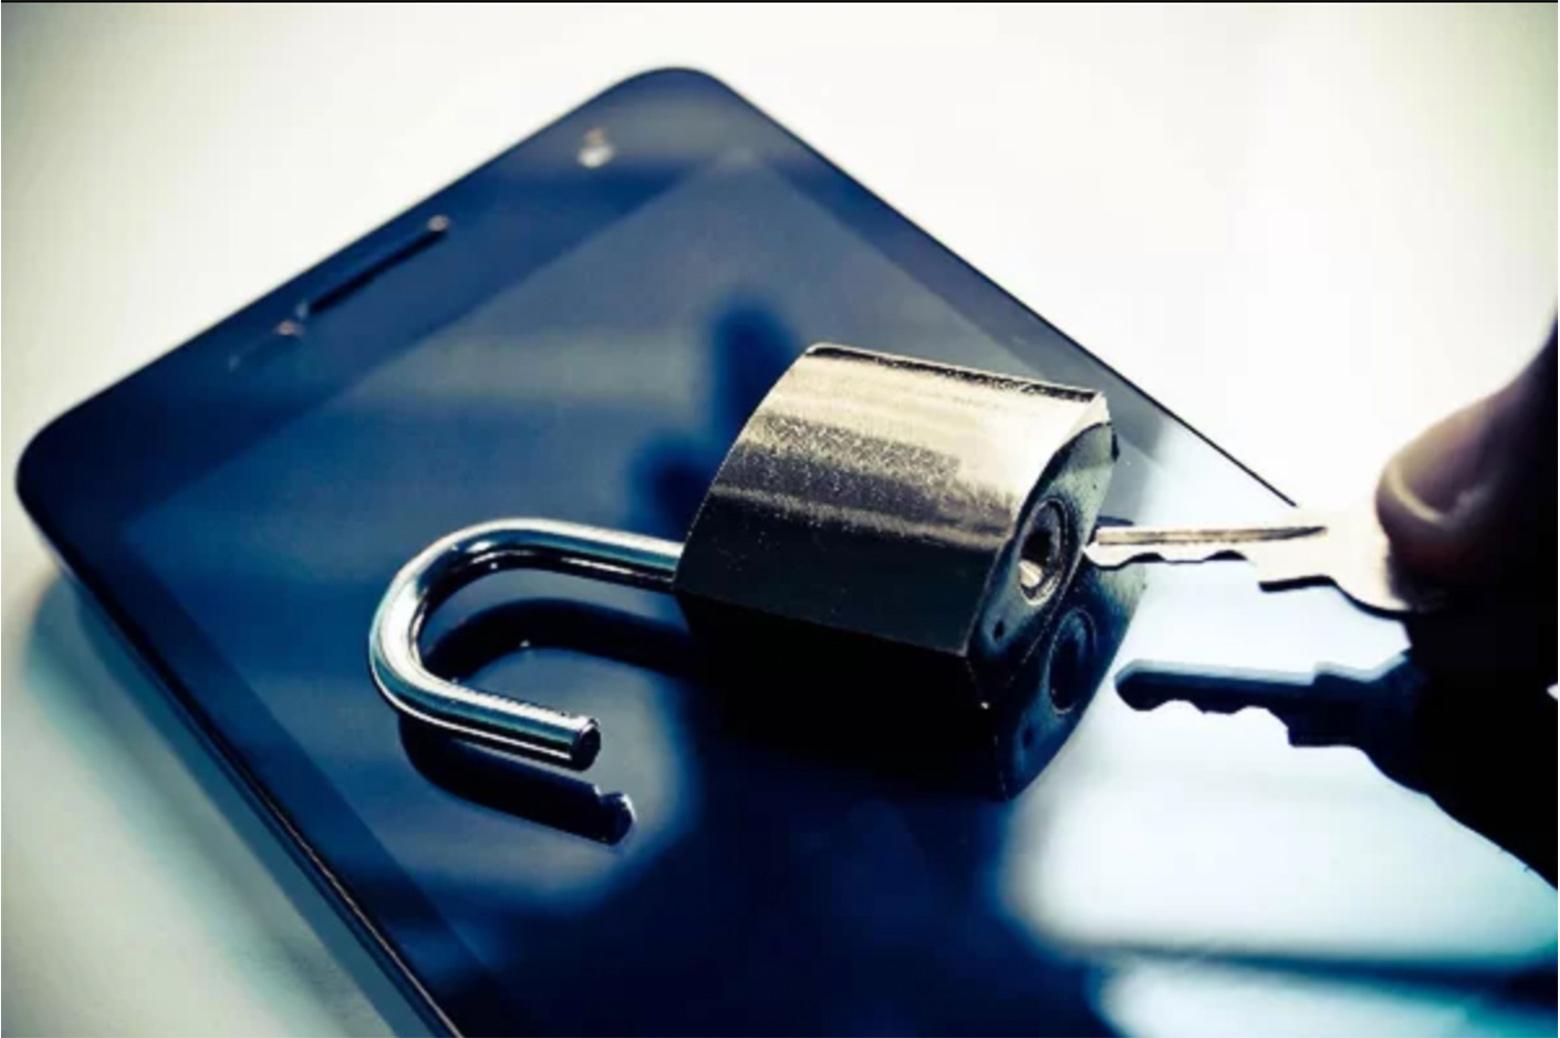 Undocumented phone security